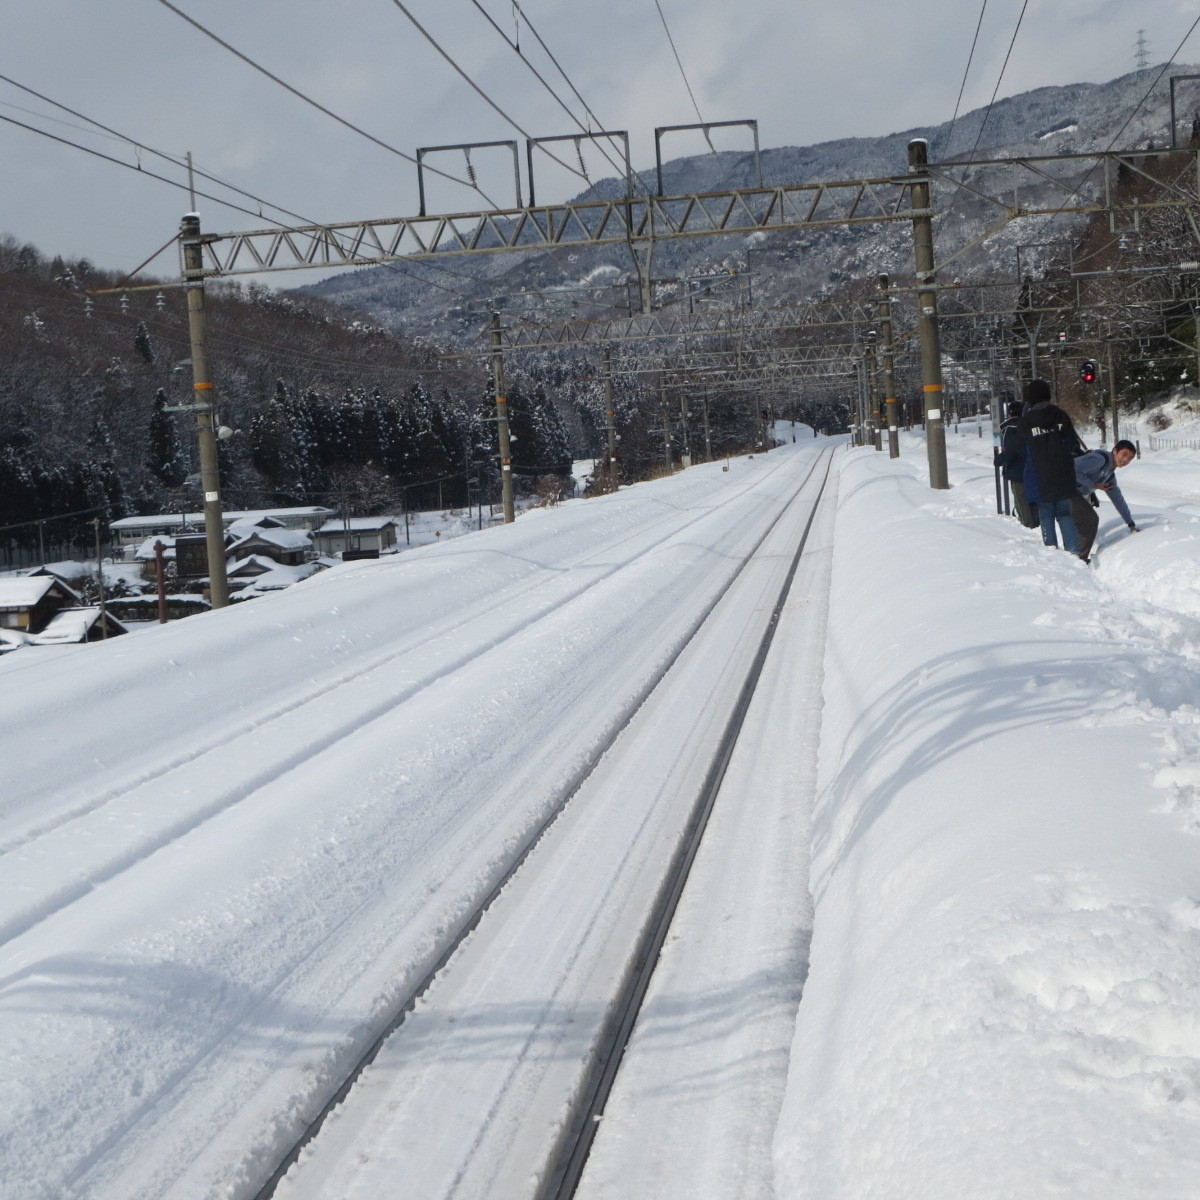 突然ですが雪景色でお楽しみください_c0001670_20524181.jpg